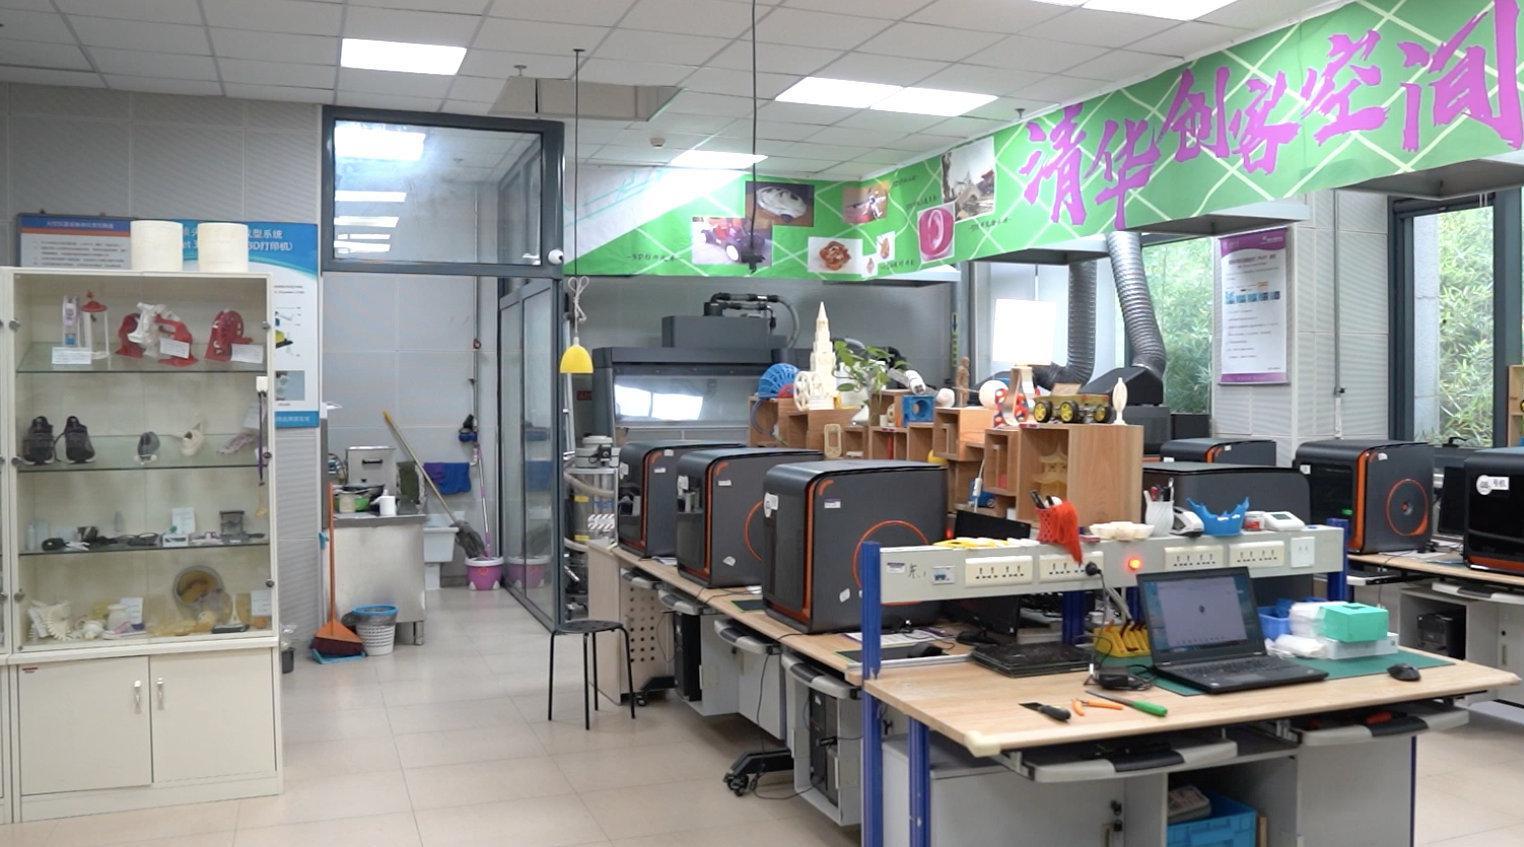 清华大学基础工业训练中心顺利完成线下线上融合式暑期实践教学